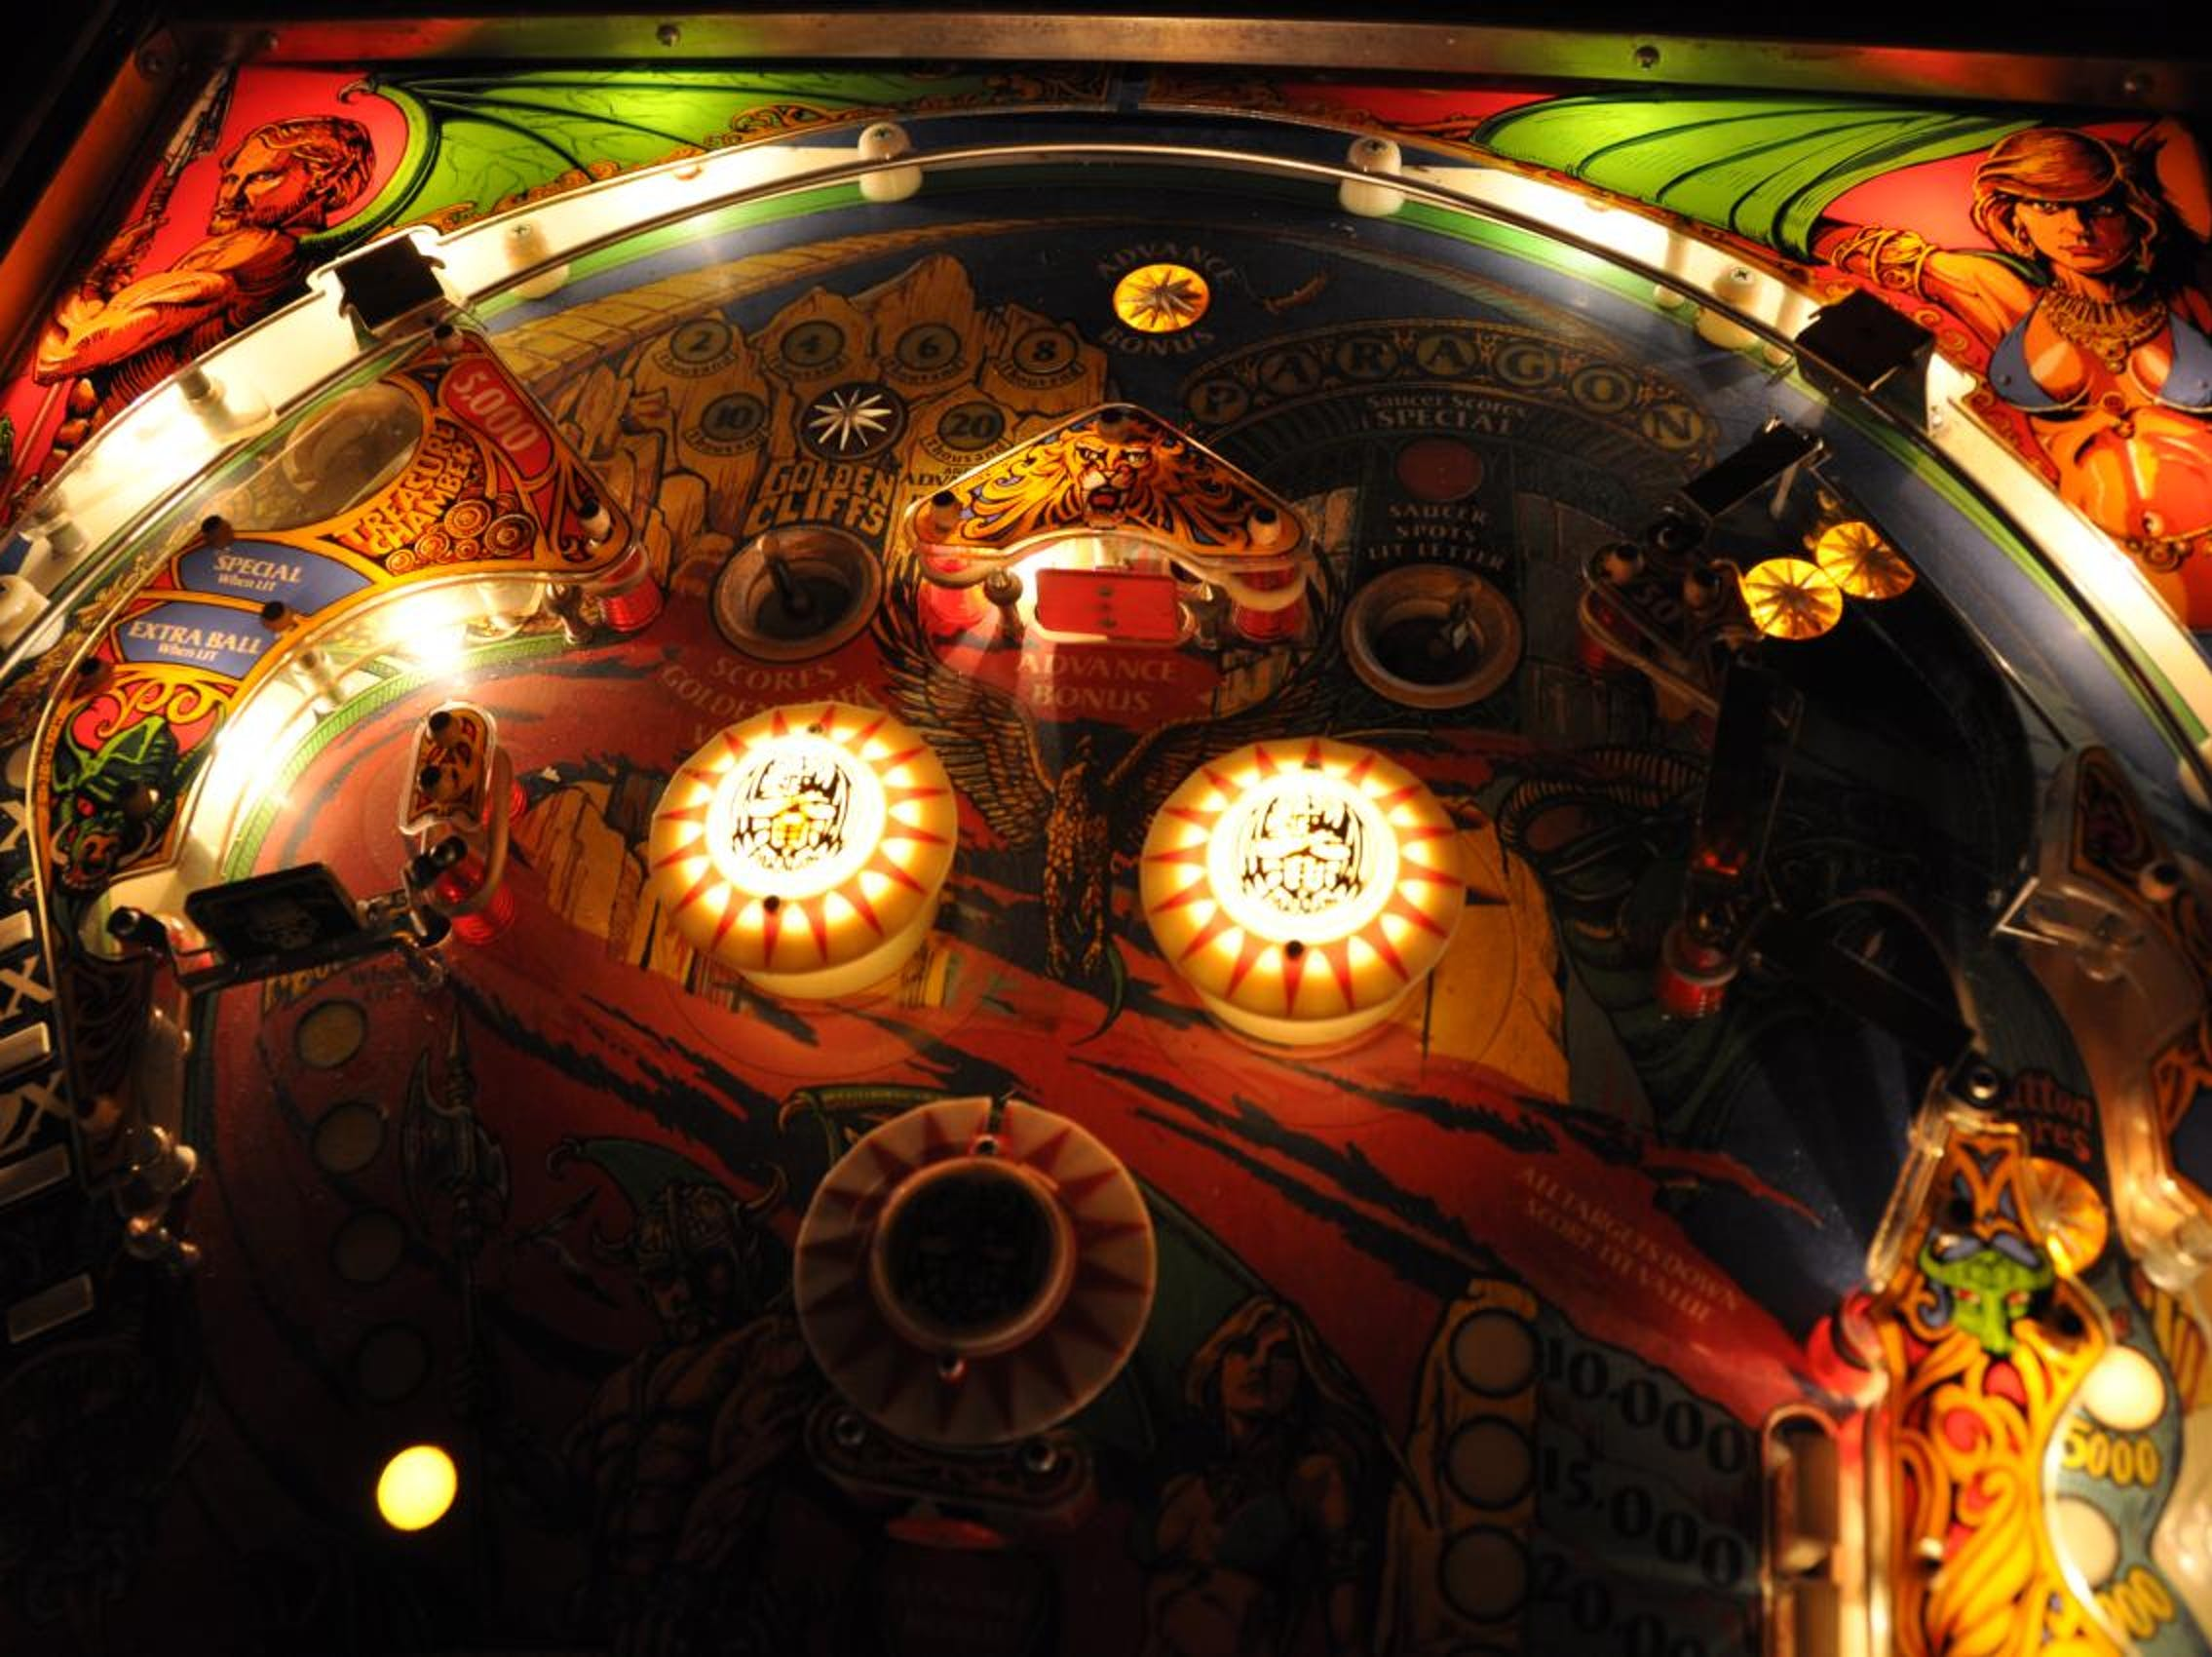 Paragon pinball playing surface lit